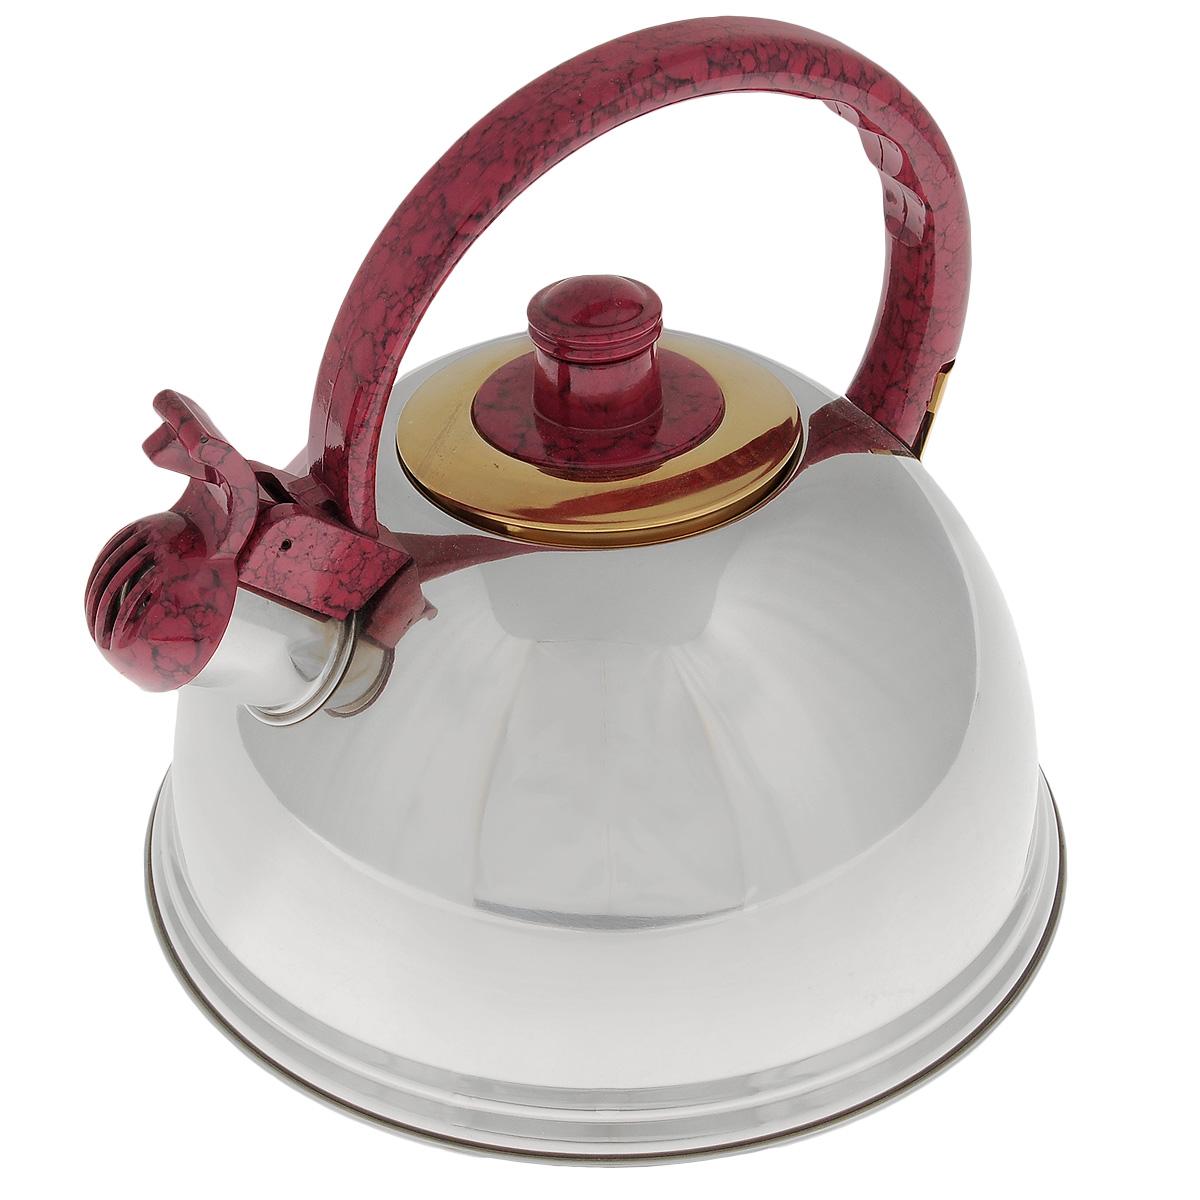 Чайник Mayer & Boch, со свистком, цвет: красный, 2,7 л. 2359423594Чайник Mayer & Boch выполнен из нержавеющей стали высокой прочности с зеркальной полировкой. Чайник оснащен откидным свистком, который громко оповестит о закипании воды. Удобная эргономичная ручка и крышка выполнены из нейлона. Такой чайник идеально впишется в интерьер любой кухни и станет замечательным подарком к любому случаю. Подходит для всех типов плит, кроме индукционных. Можно мыть в посудомоечной машине.Диаметр чайника по верхнему краю: 8,5 см.Высота чайника (с учетом ручки): 21 см.